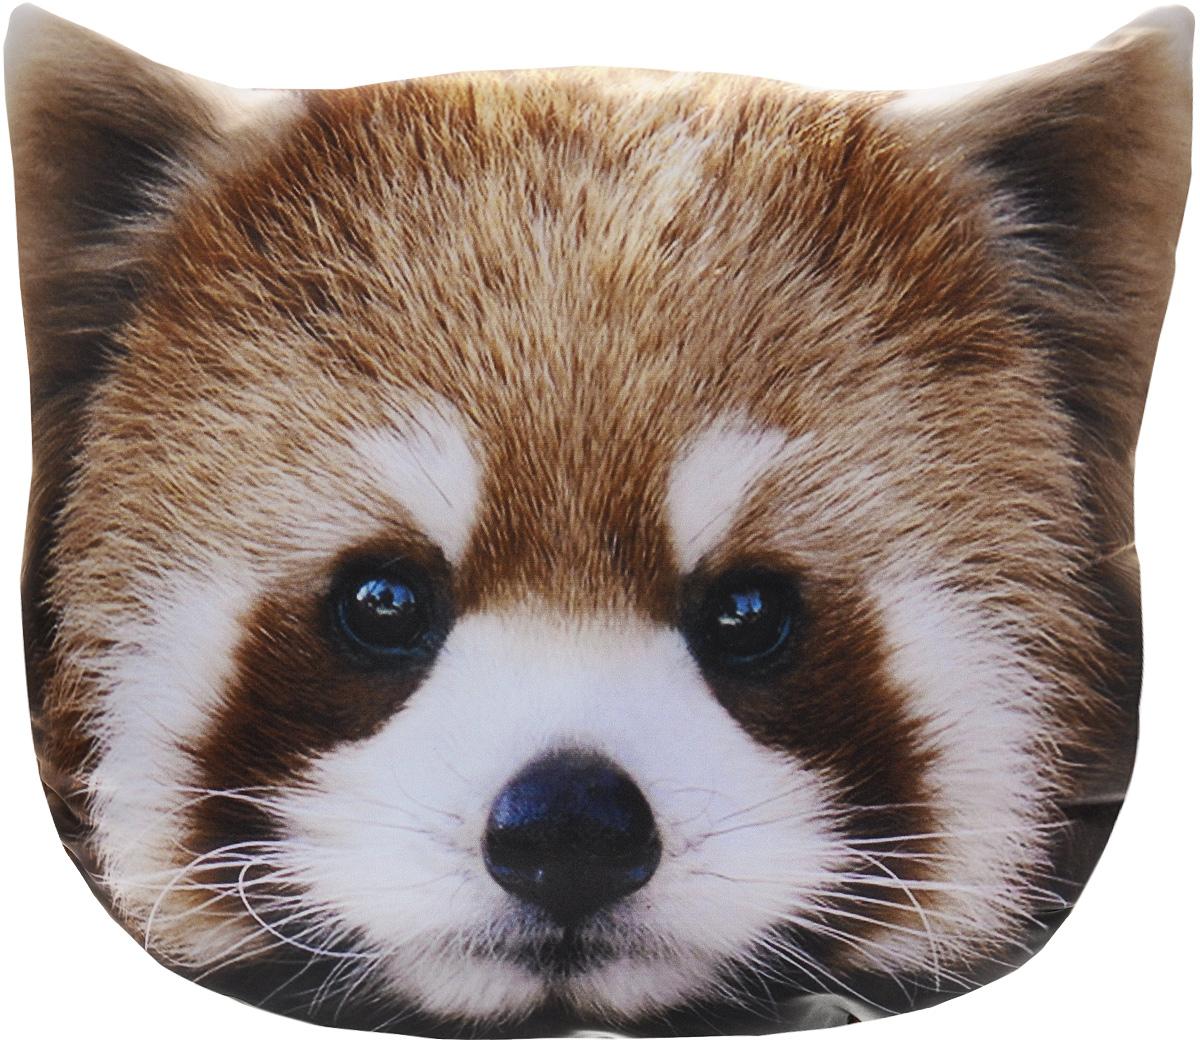 Подушка декоративная GiftnHome Красная панда, 40 х 40 cмHK 5646 weisДекоративная подушка GiftnHome Красная панда - это яркое украшение вашего дома. Чехол выполнен из гладкого и приятного на ощупь атласа (искусственного шелка). Лицевая сторона украшена красочным изображением. Чехол застегивается на молнию. Внутренний наполнитель подушки - холлофайбер. Красивая подушка создаст в доме уют и станет прекрасным элементом декора.